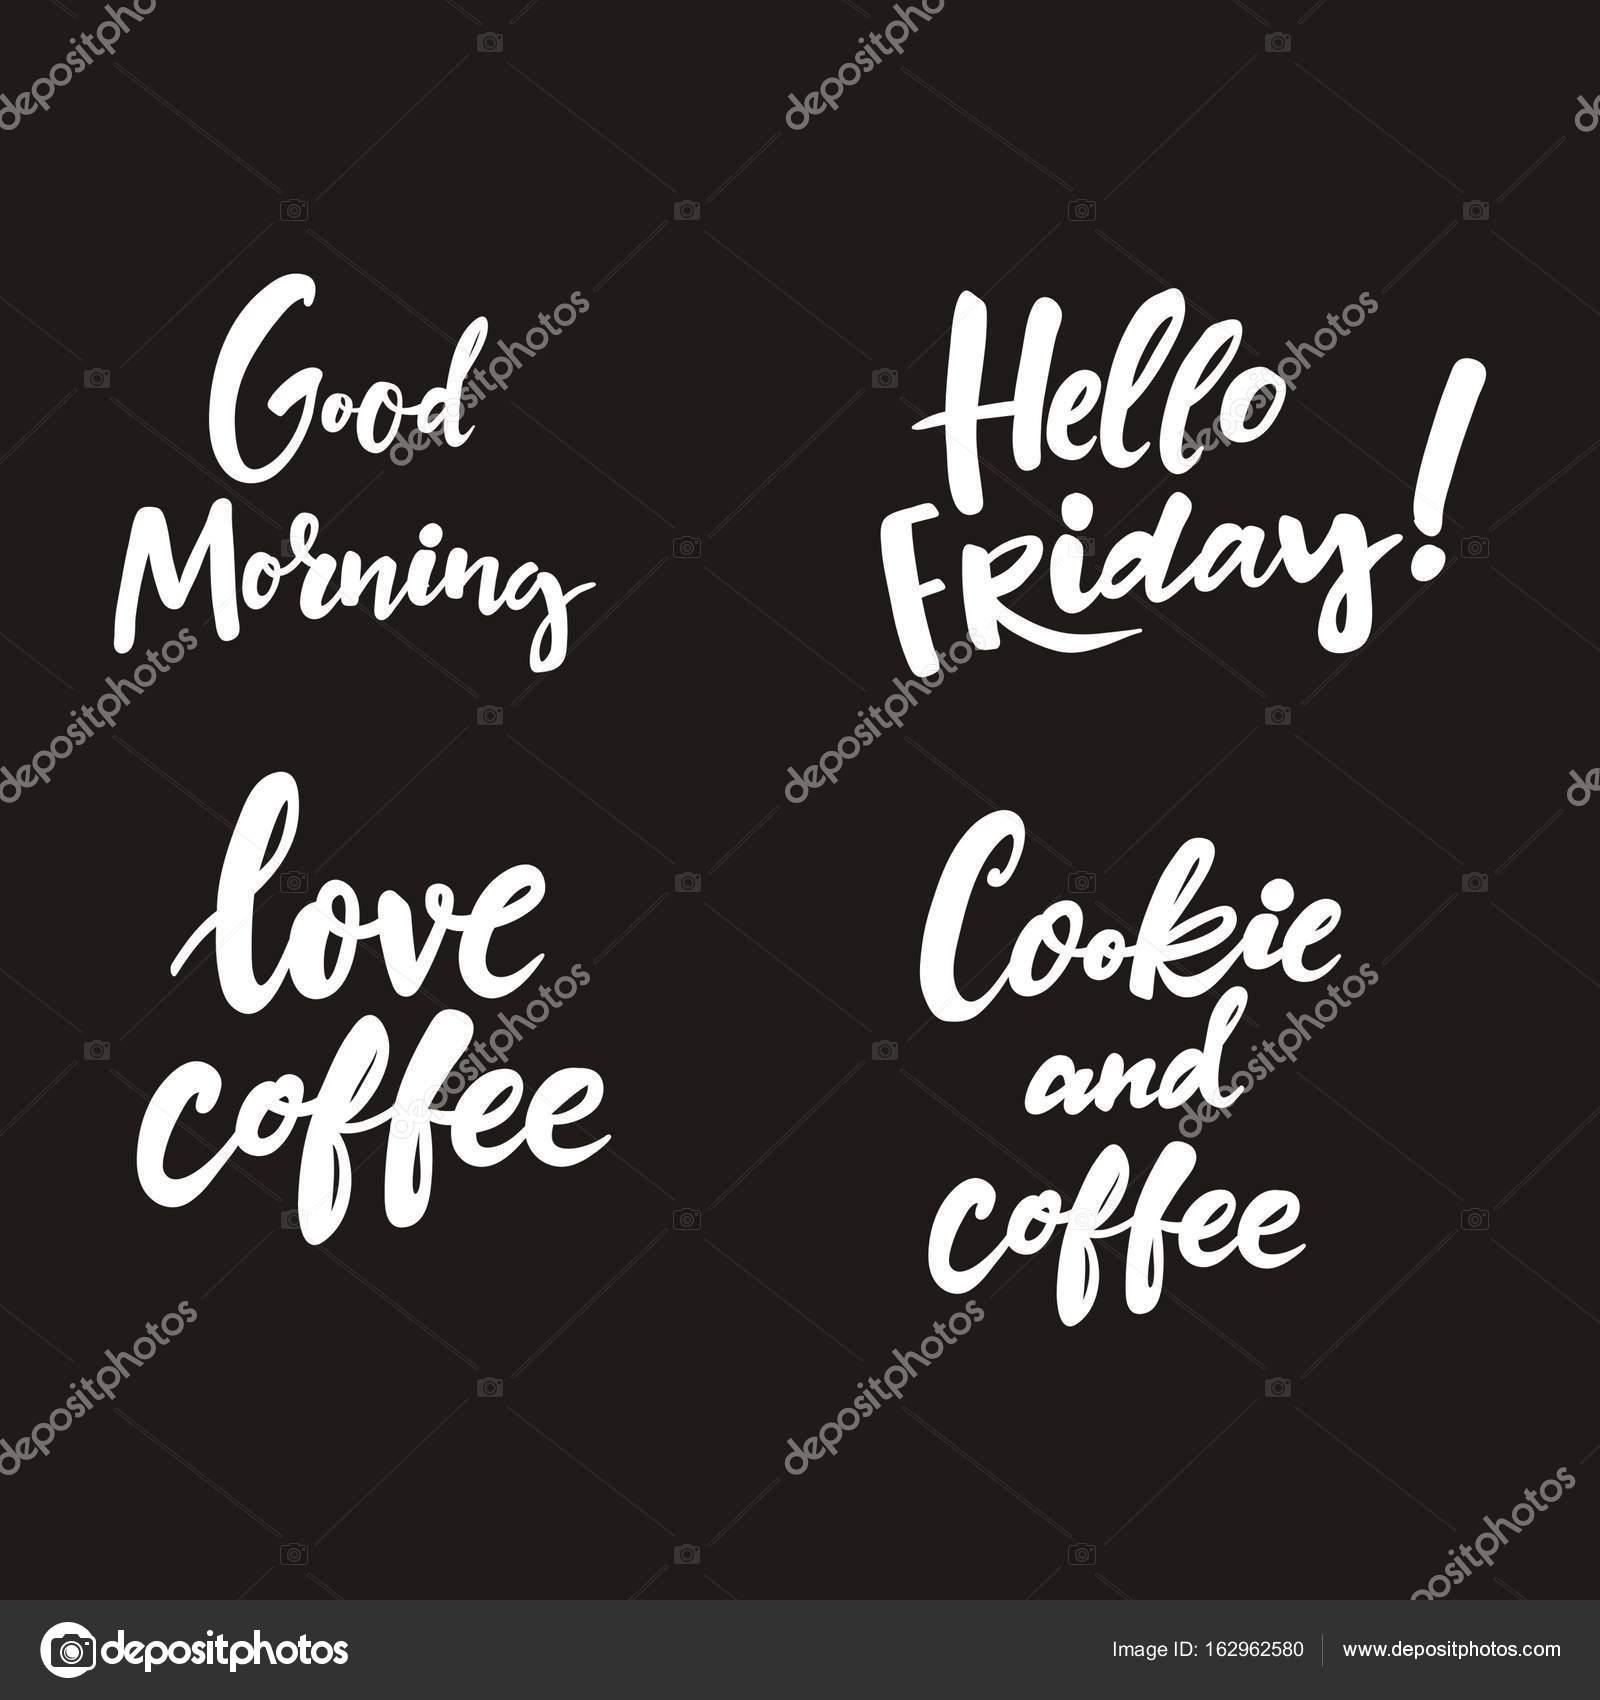 Guten Morgen Freitag Kaffee Freitag Sprüche ᐅ Lustig